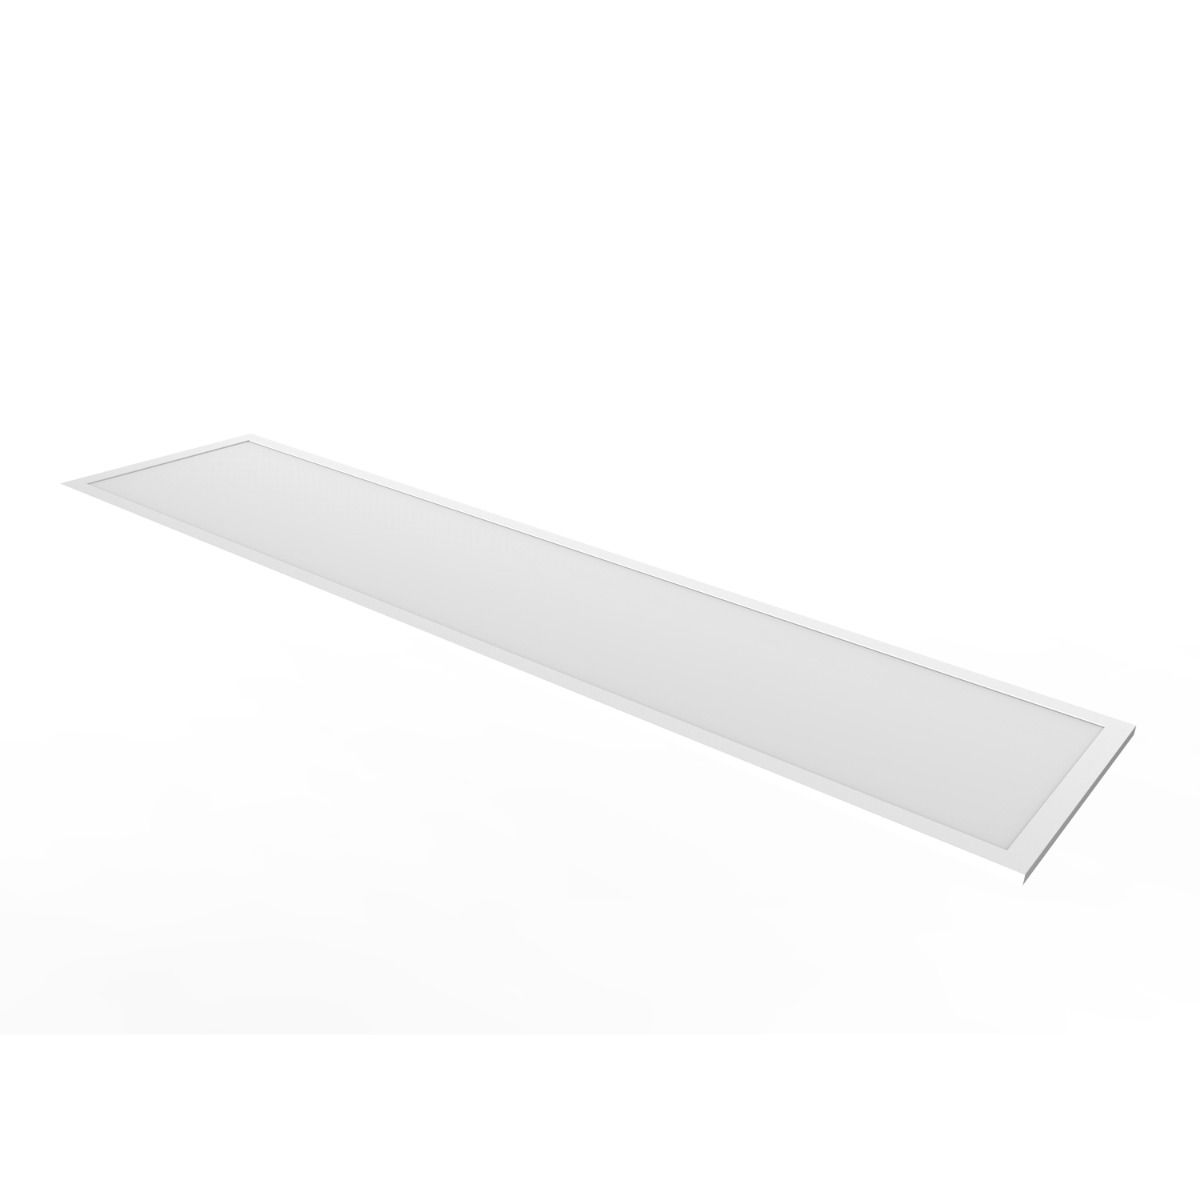 Noxion LED Panel Ecowhite V2.0 30x120cm 4000K 36W UGR <22 | Zimna Biel - Zamienne 2x36W